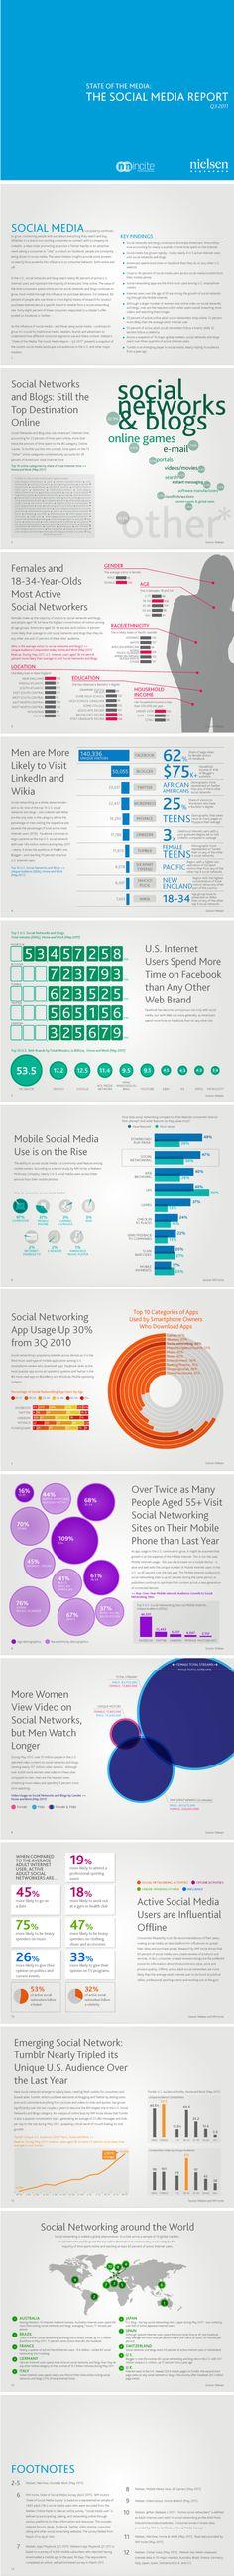 Estado de las redes sociales en el mundo #infografia #infographic #socialmedia